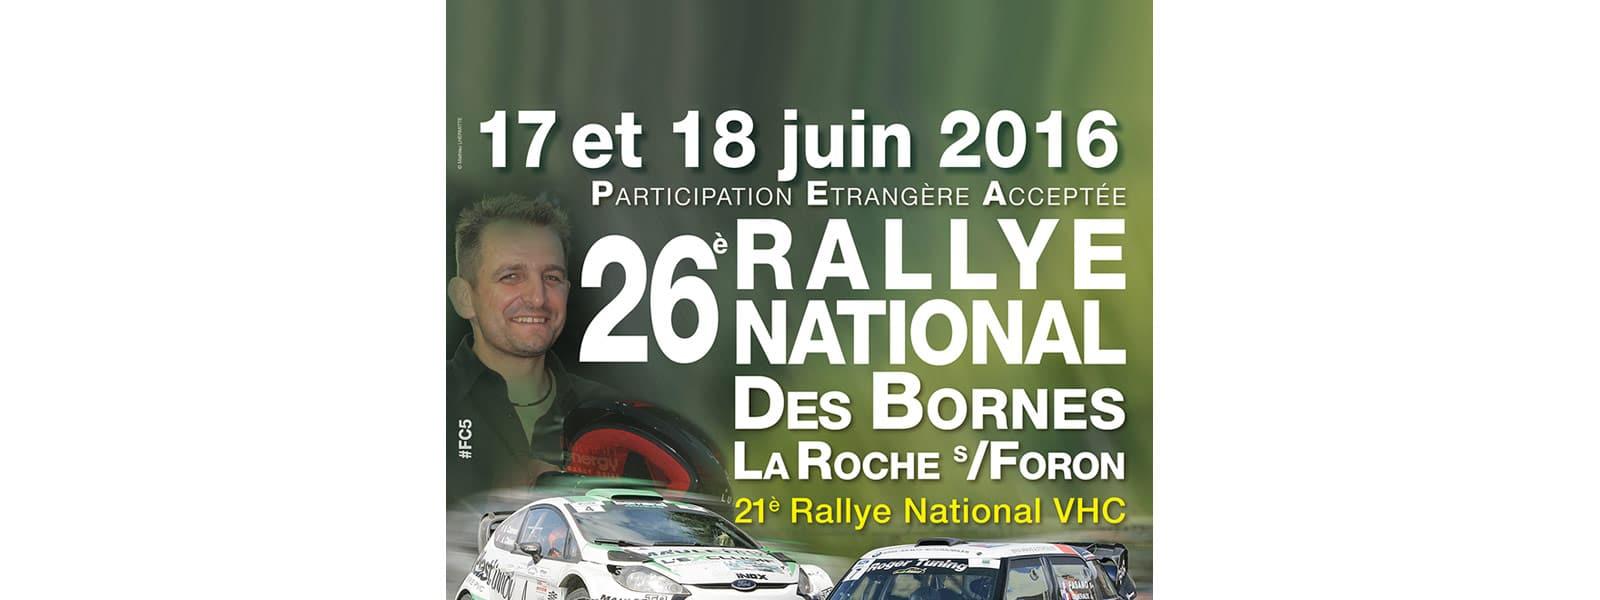 Rallye des Bornes les 17 et 18 juin 2016